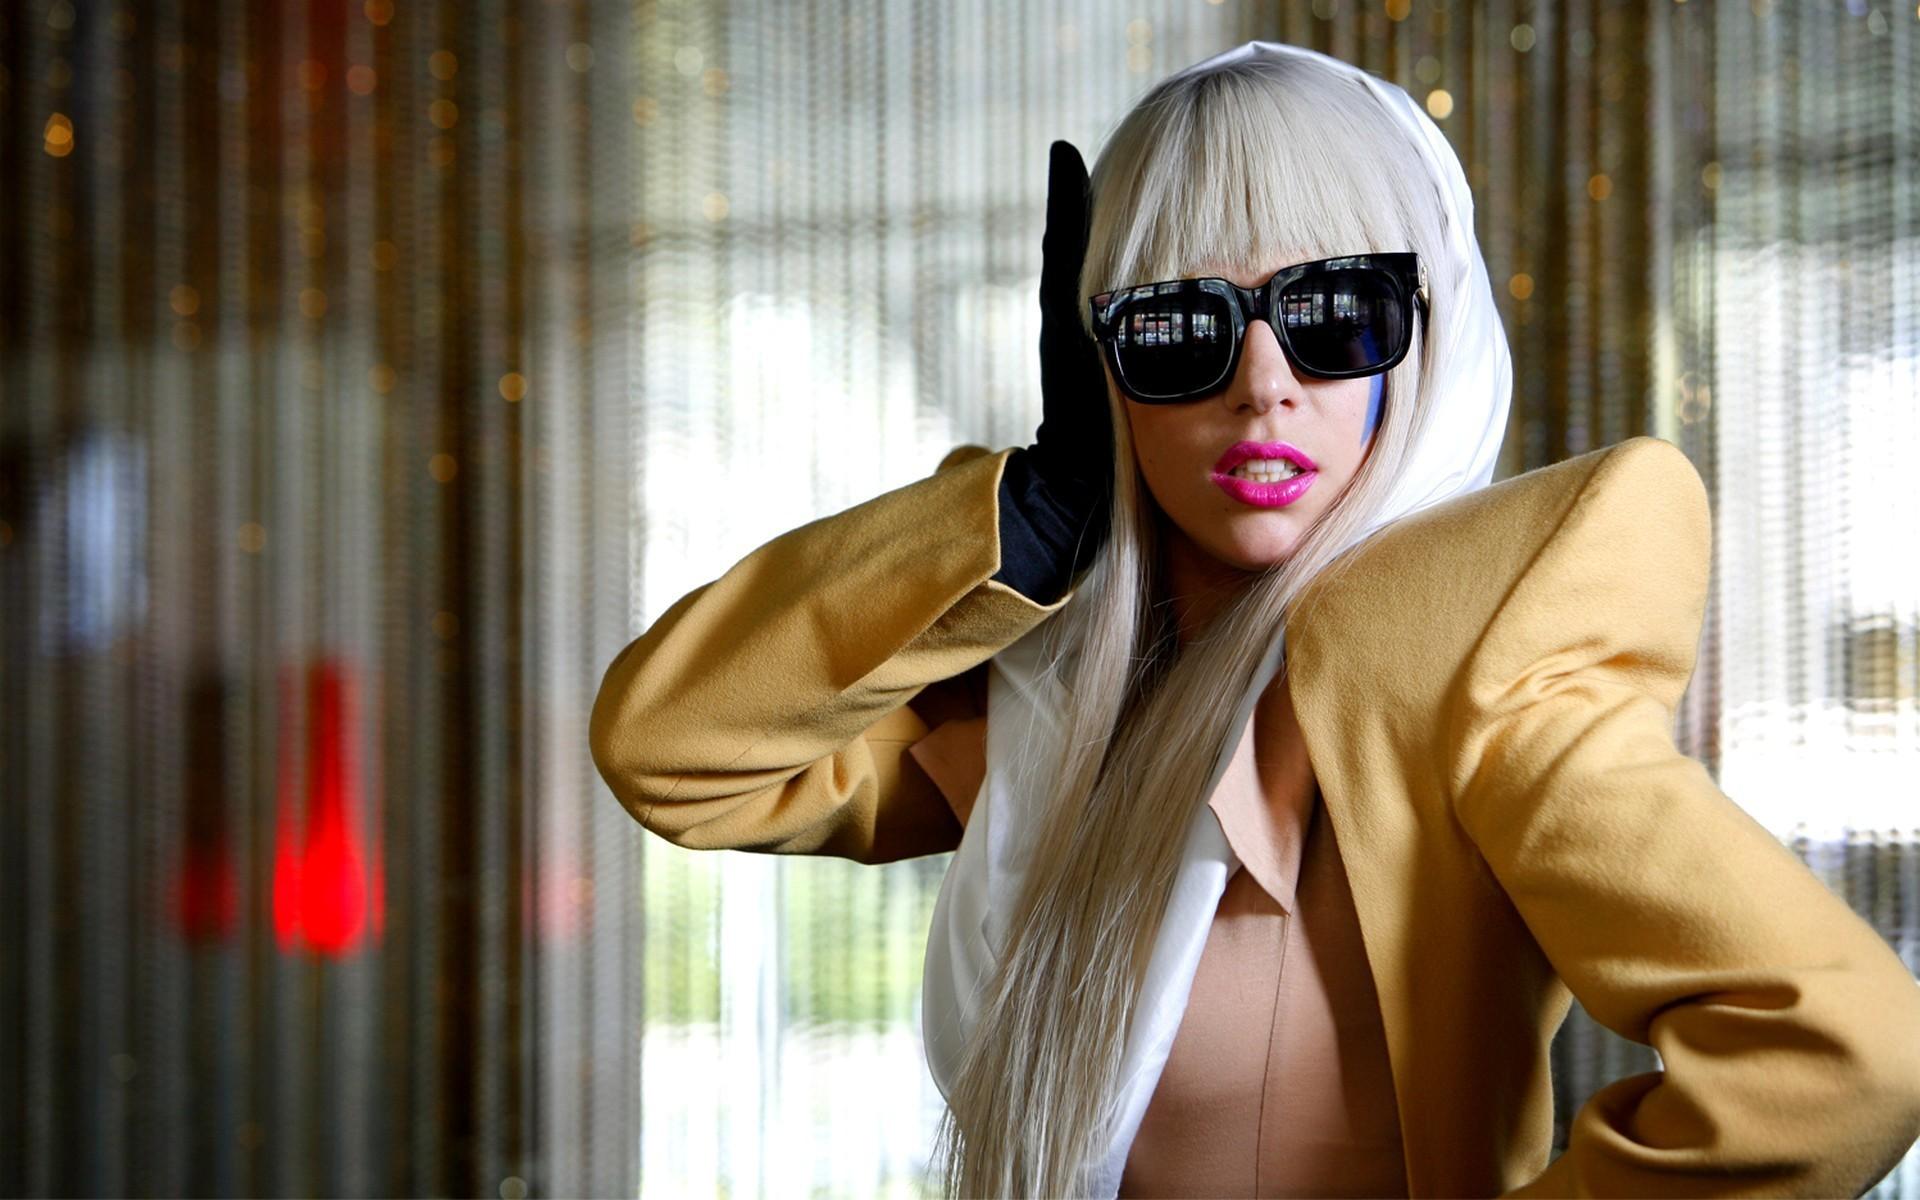 Lady Gaga 2013 - 1920x1200